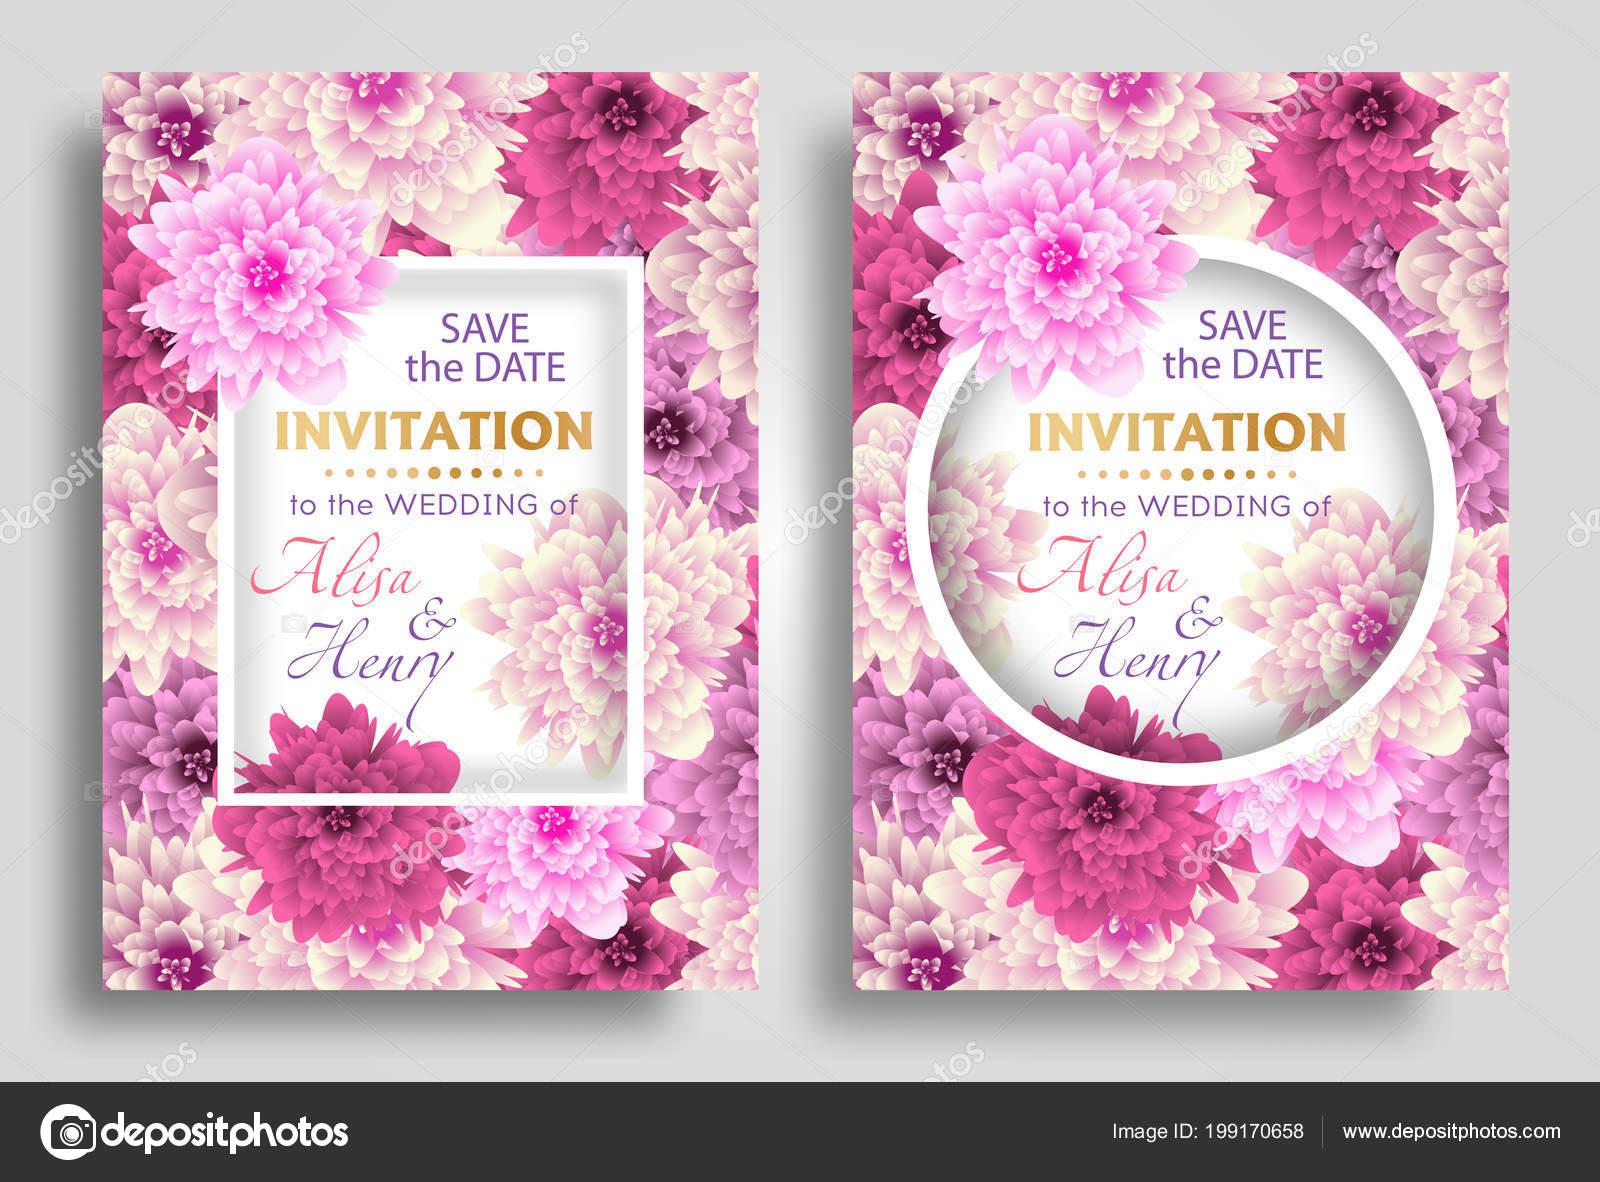 Cartoline Auguri Matrimonio : Impostare sfondo elegante modello invito matrimonio con cartolina